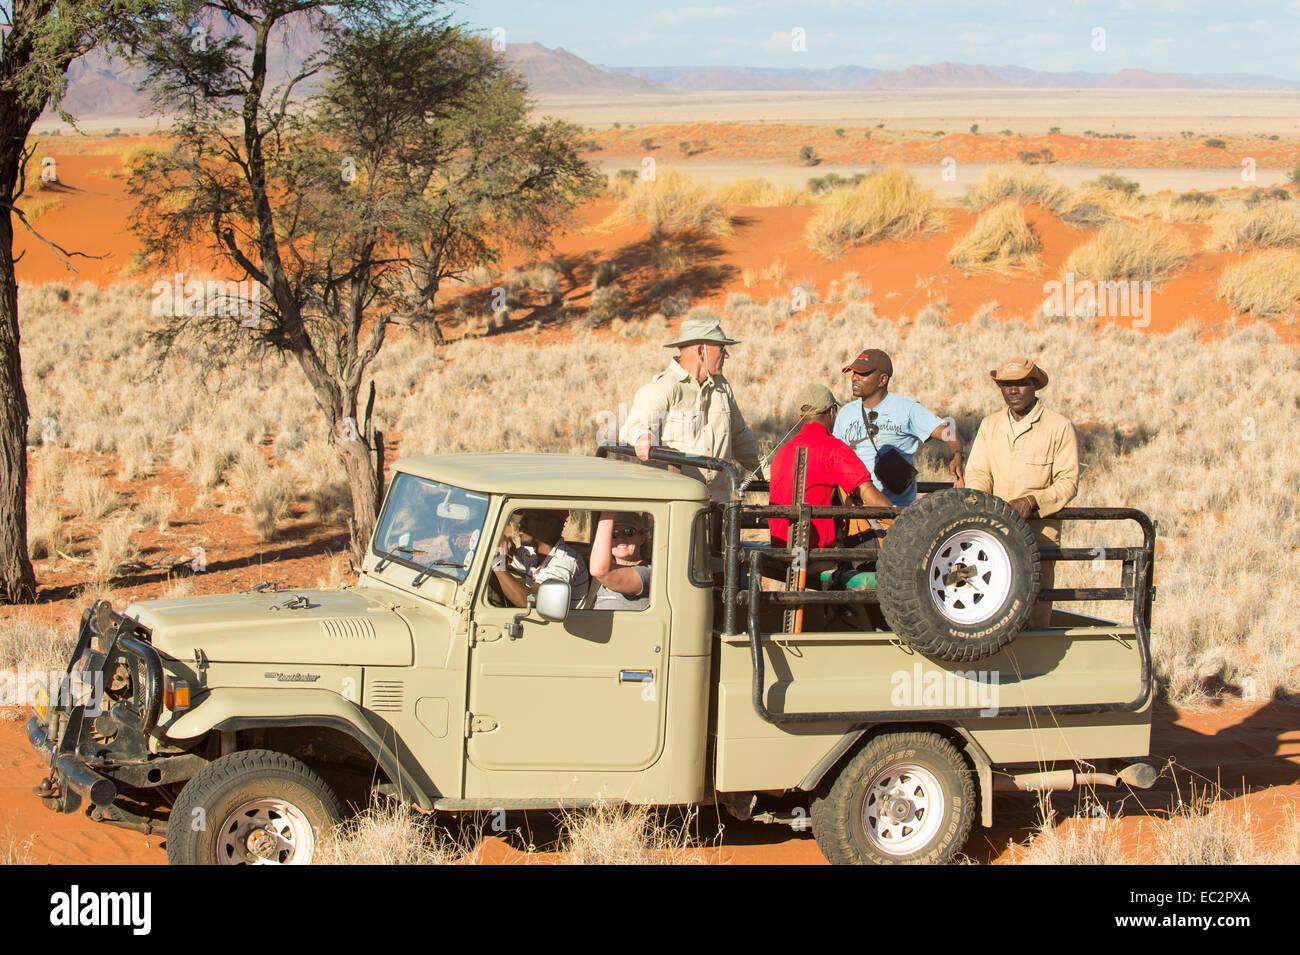 Africa, Namibia. Tok Tokkie percorsi escursioni e osservazione degli animali selvatici nel carrello. Modello rilasciato. Immagini Stock